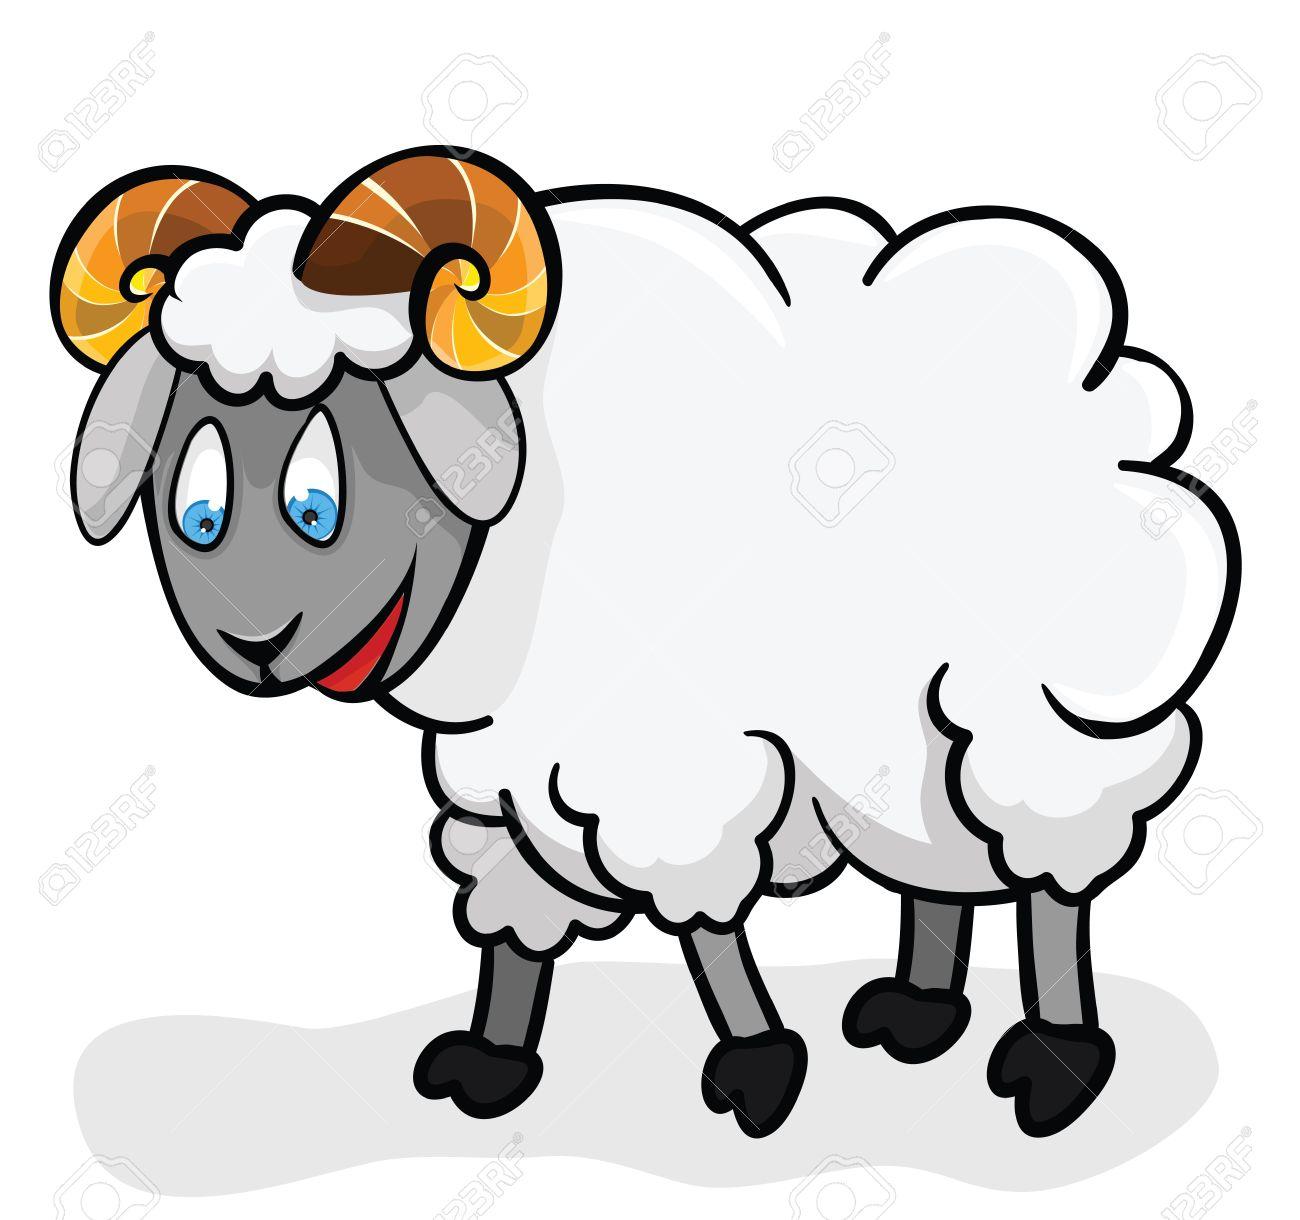 白地にかわいい羊イラスト漫画ラムのイラスト素材ベクタ Image